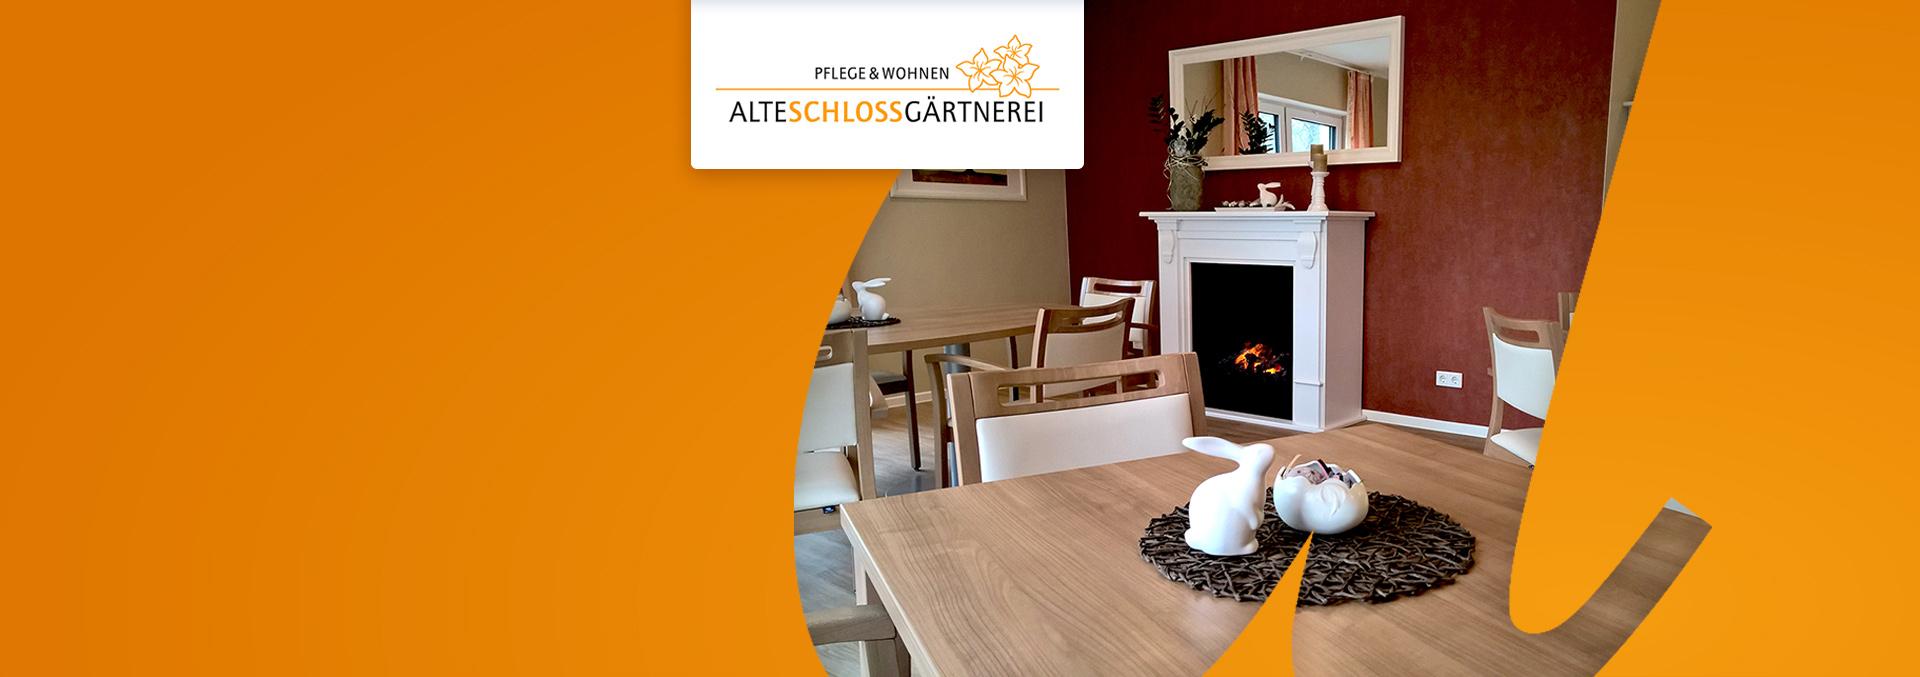 Pflege und Wohnen Alte Schlossgärtnerei, Speiseraum mit Sitzmöbeln und Parkett aus mittel-hellem Holz, Porzellanhasen und -eiern auf den Tischen, an der Wand eine Kaminattrappe.